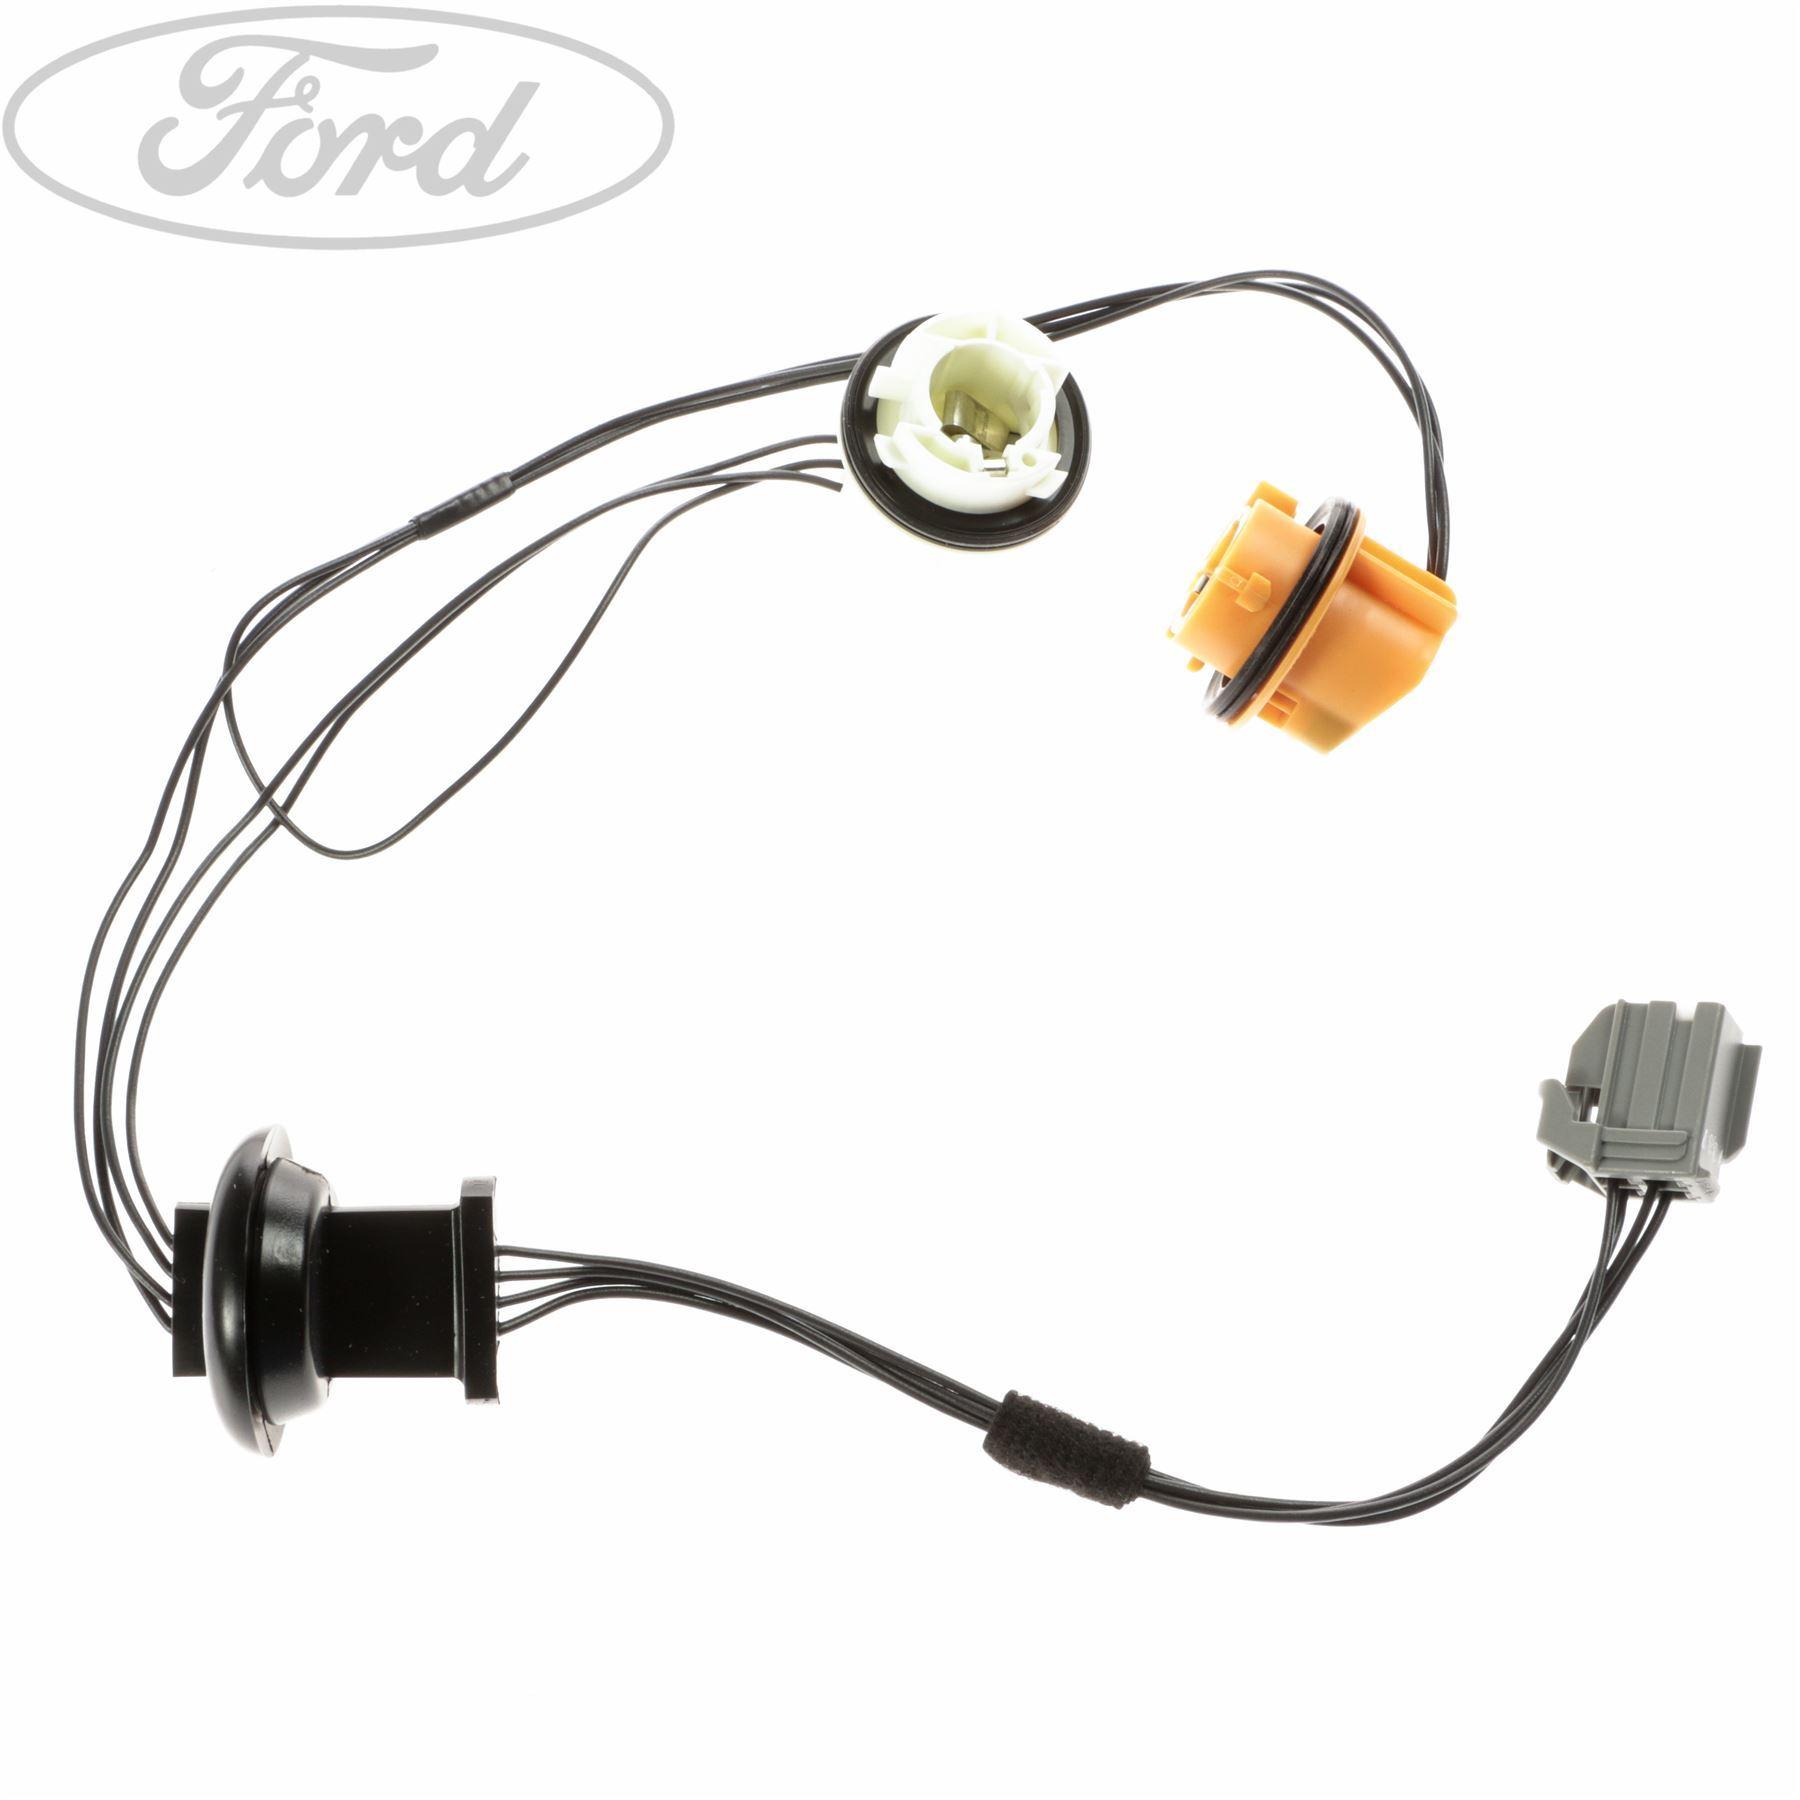 Genuine Ford Focus Mk Ii Rear Lamp Socket Wiring Kit 1567128 Ebay Accessories